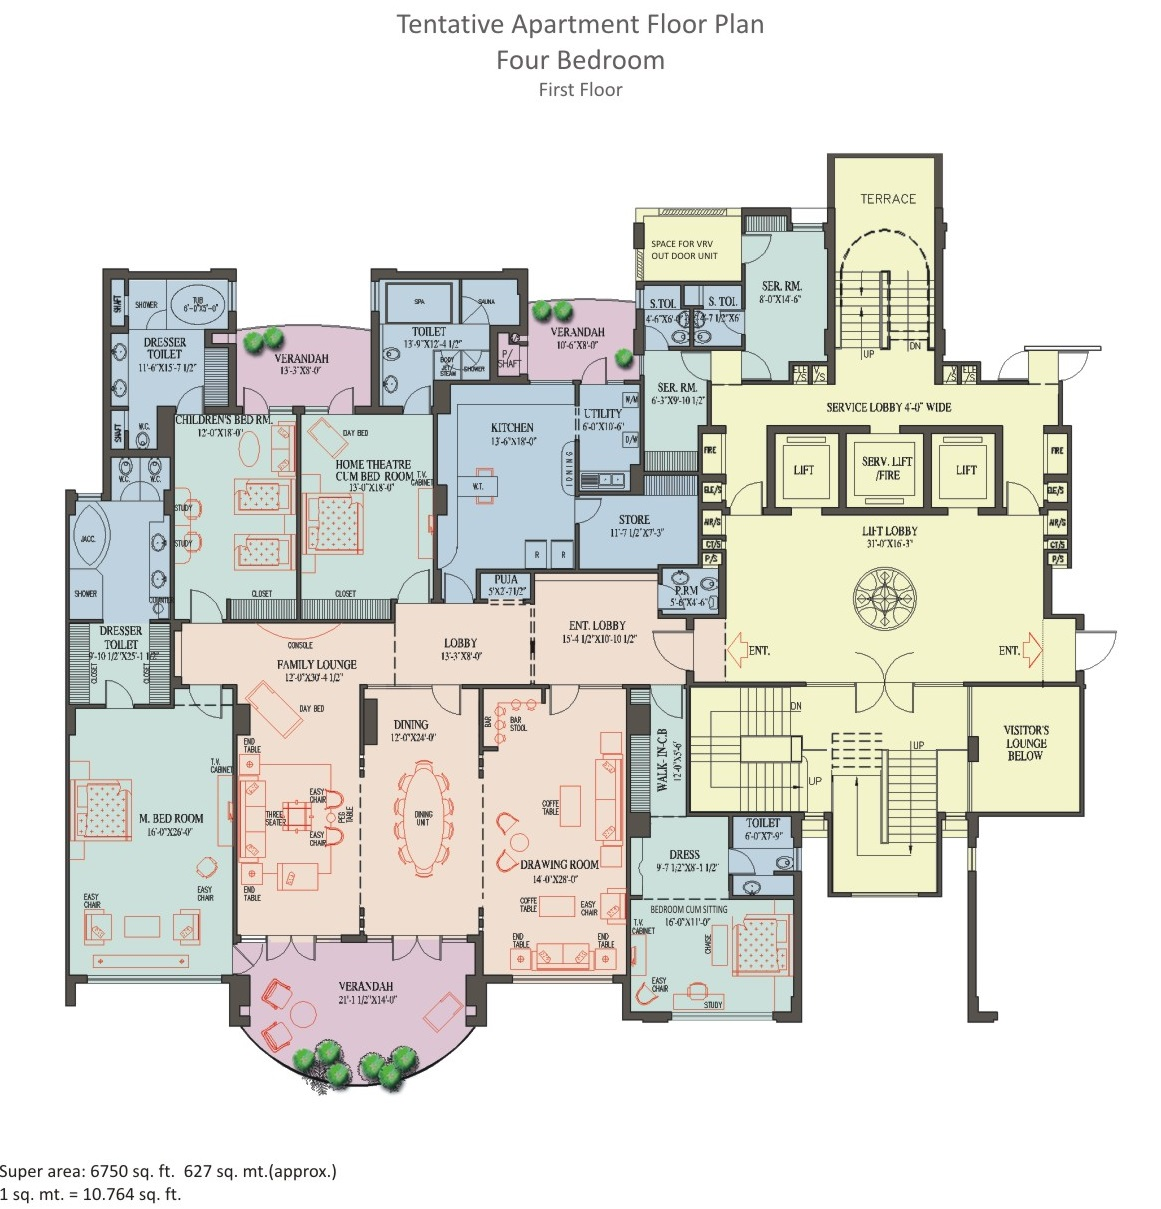 4 BHK Apartment - 1st Floor